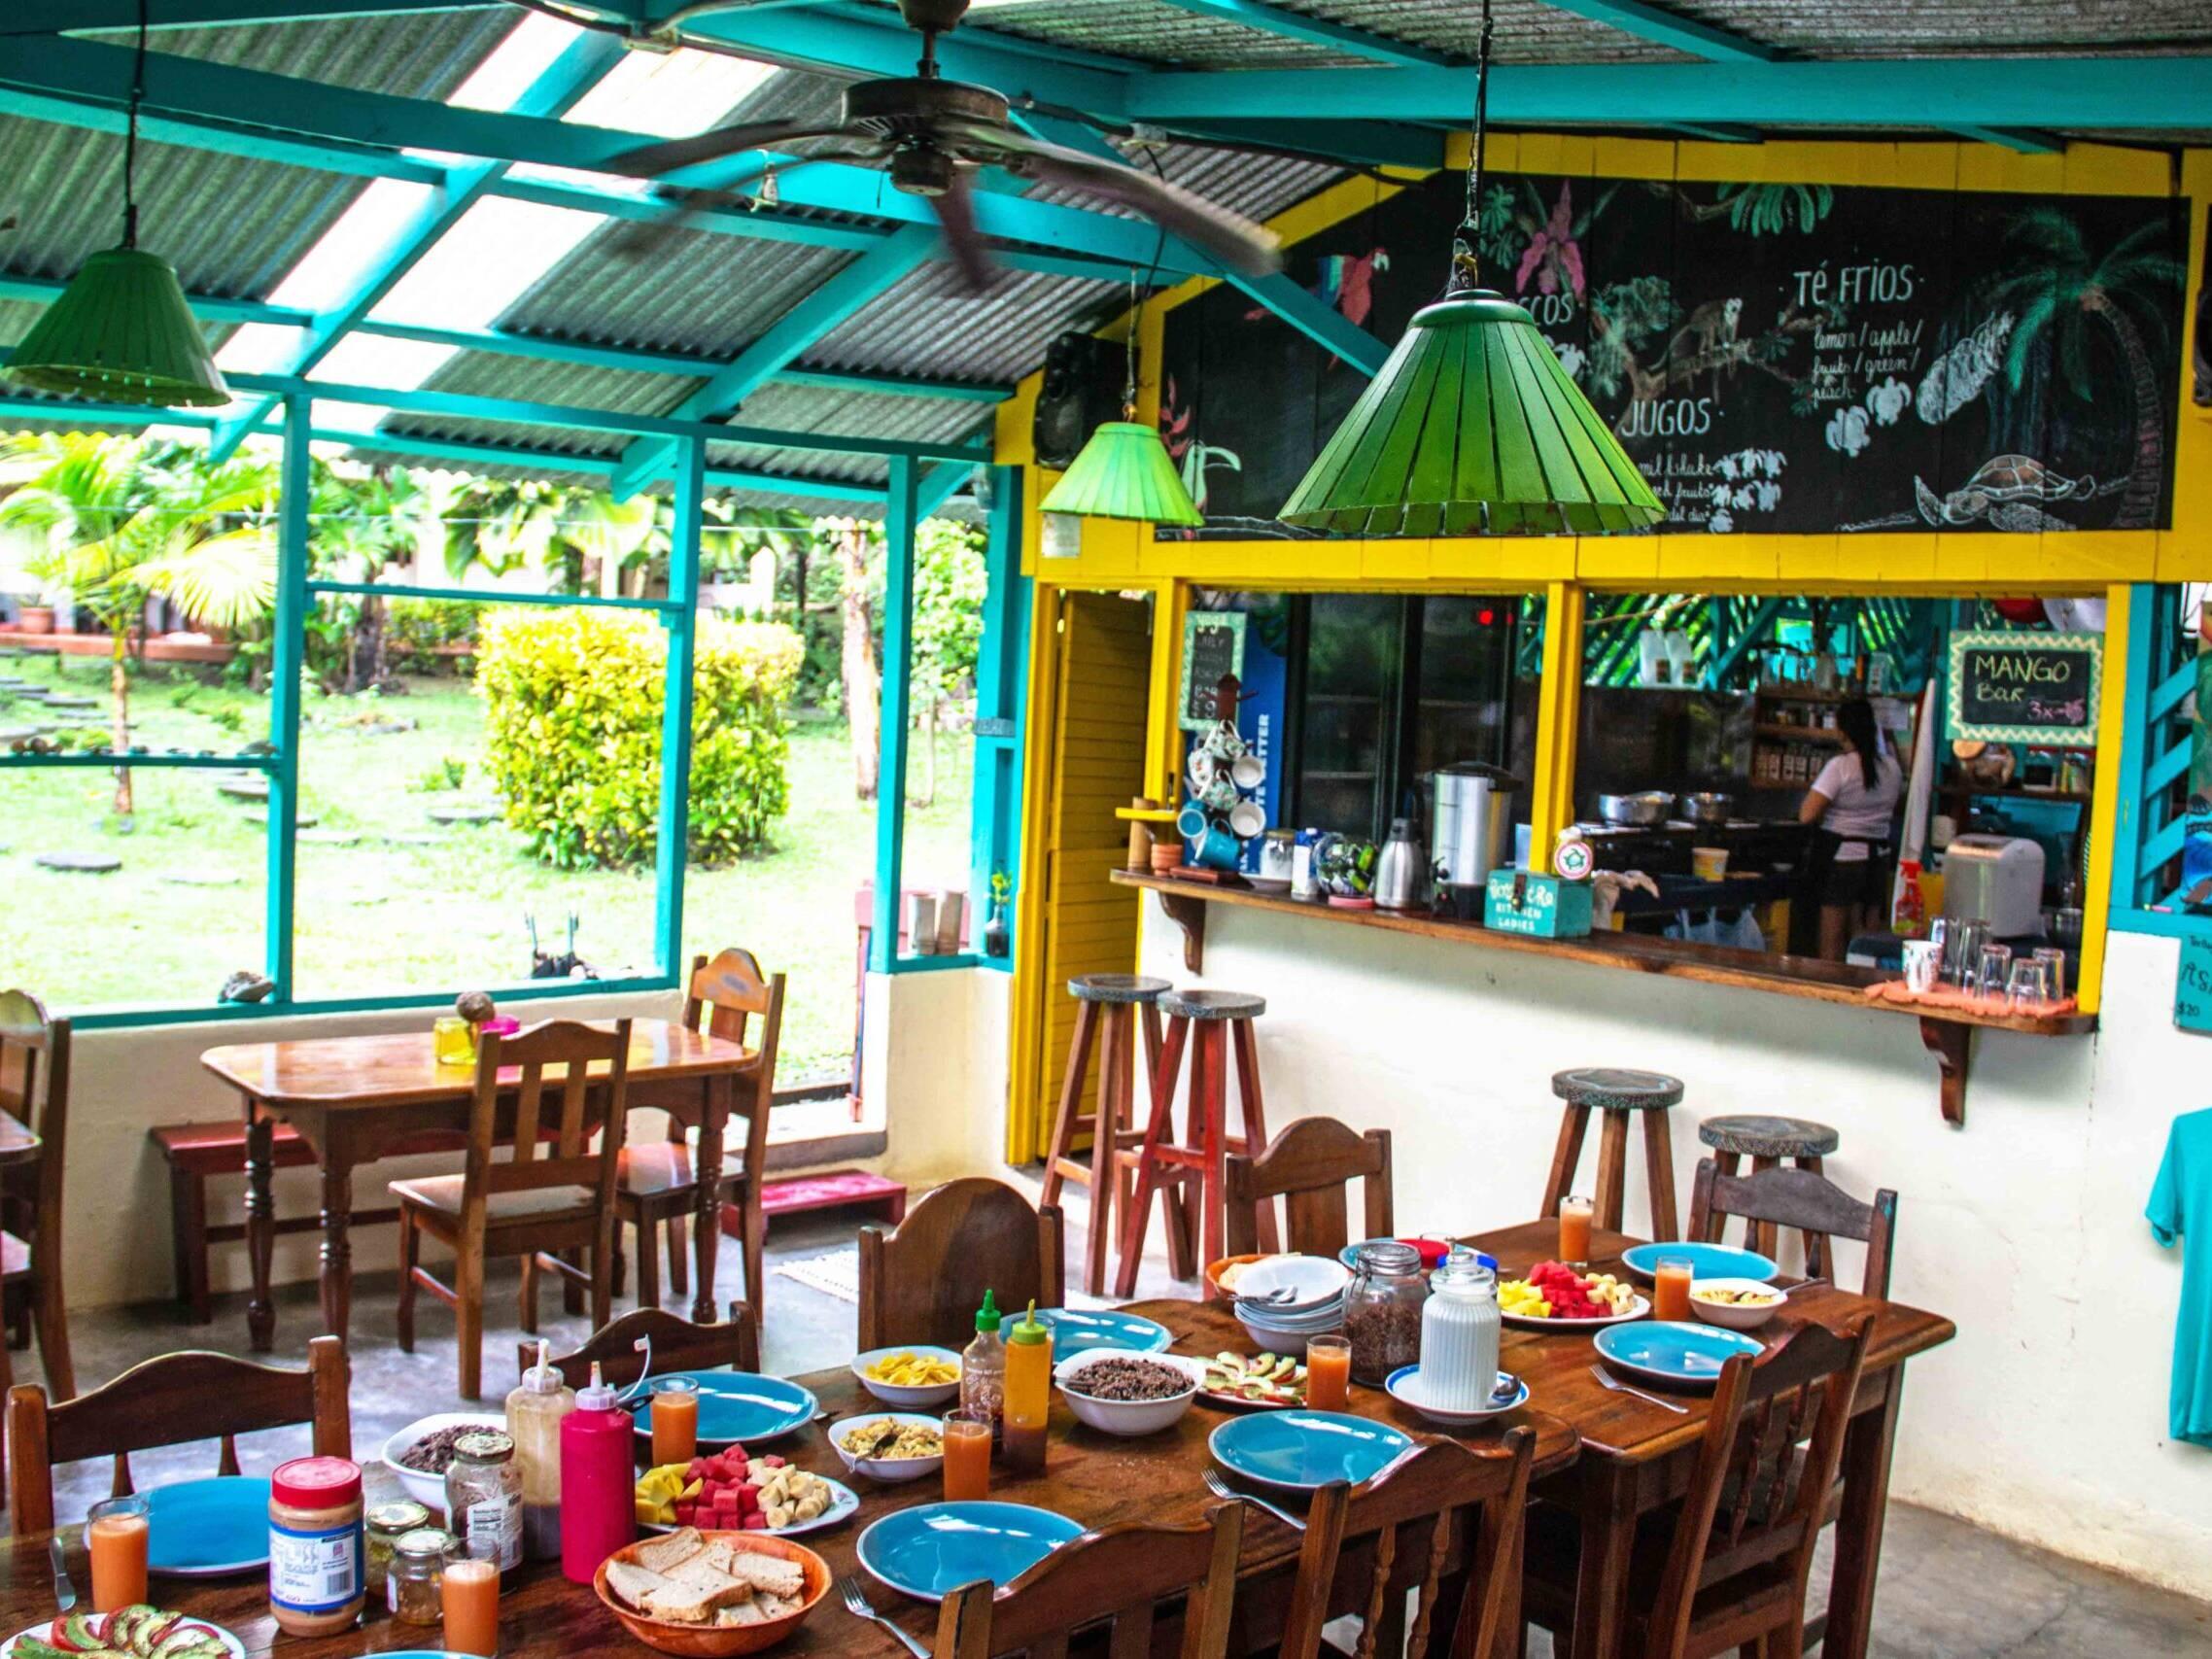 Surf retreats breakfast at Rancho Burica Costa Rica